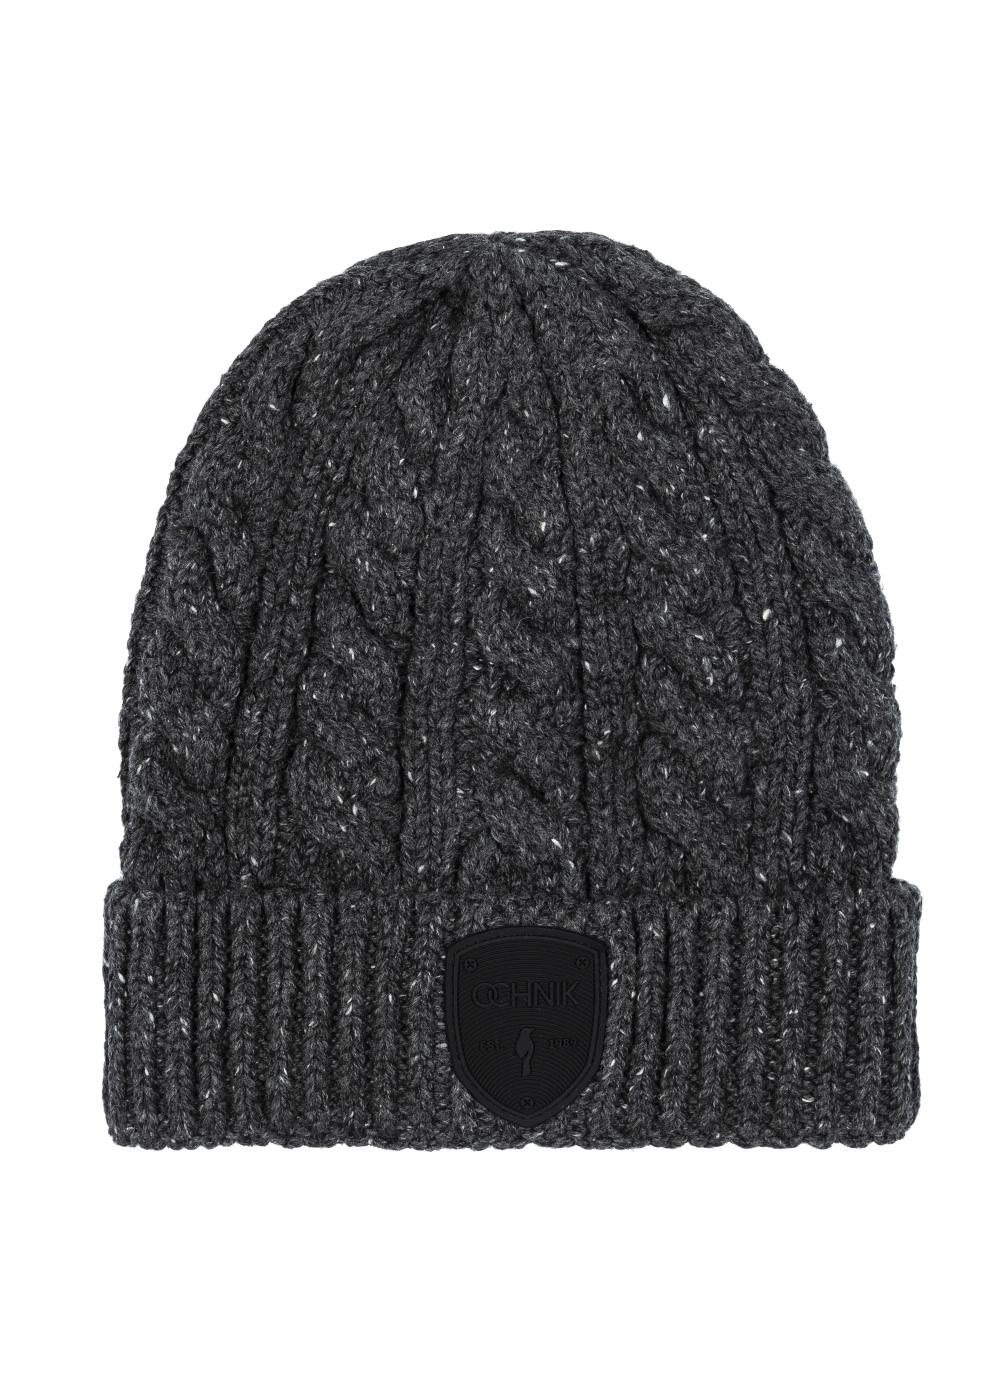 Zestaw czapka i szalik SZAMT-0012-91+CZAMT-0012-91(Z20)